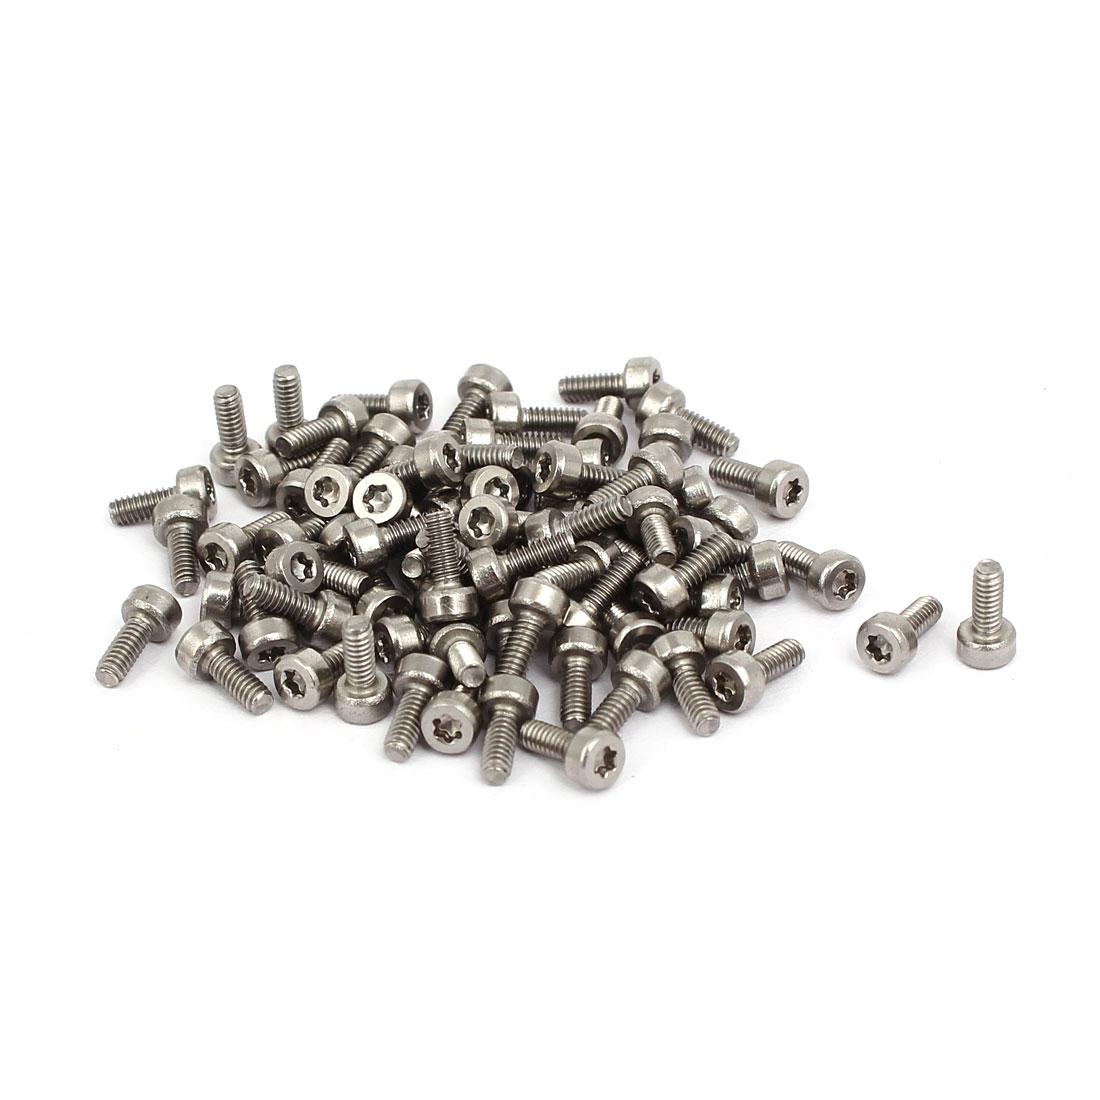 M2x5mm Thread T6 Torx Drive 304 Stainless Steel Torx Socket Head Cap Screw 80pcs